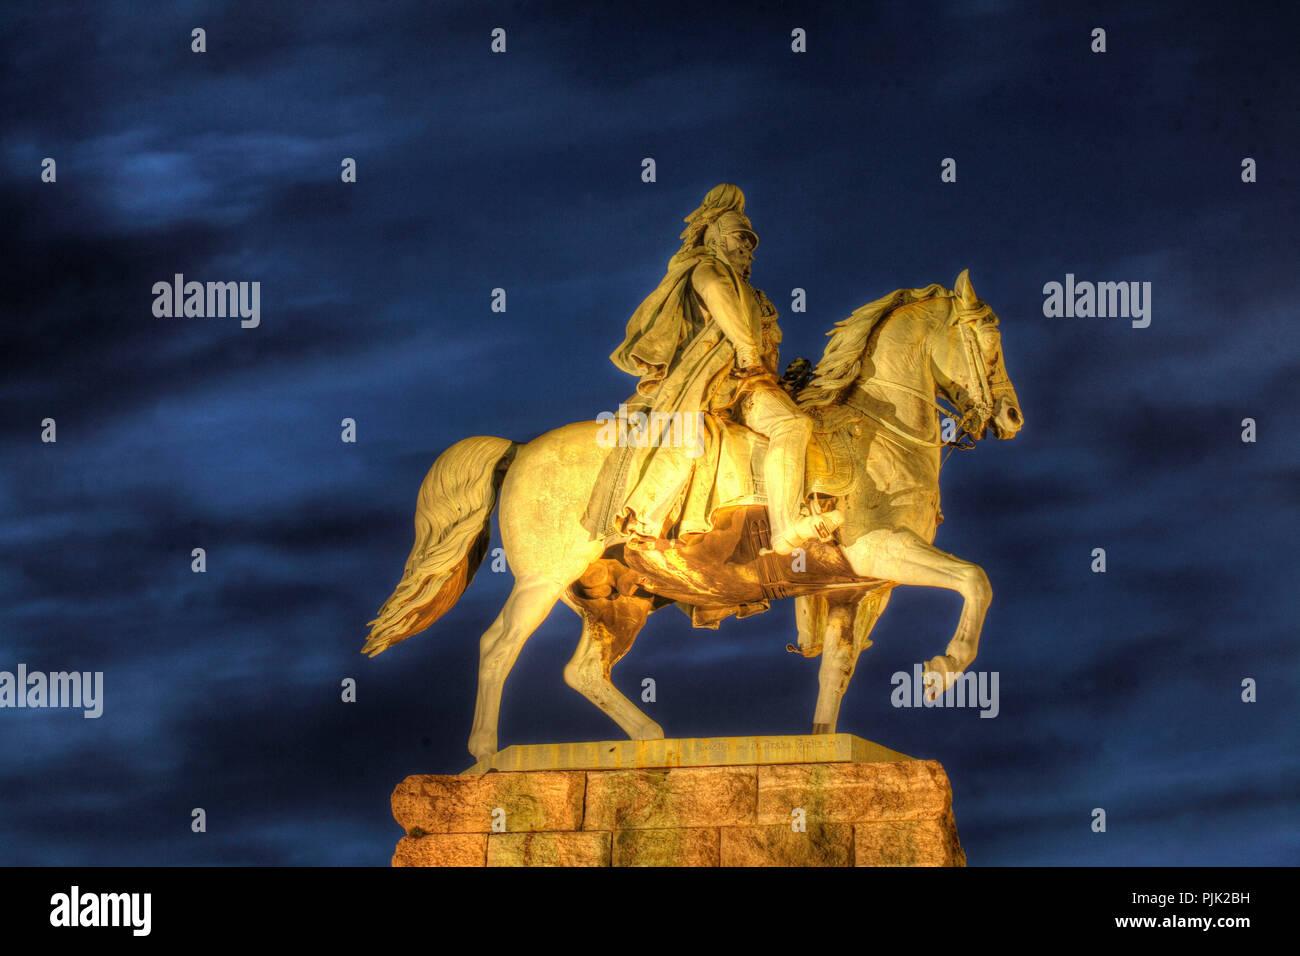 Reiterstandbild von Kaiser Wilhelm I. von Preußen in Deutz in der Dämmerung, Köln, Nordrhein-Westfalen, Deutschland, Europa Stockbild